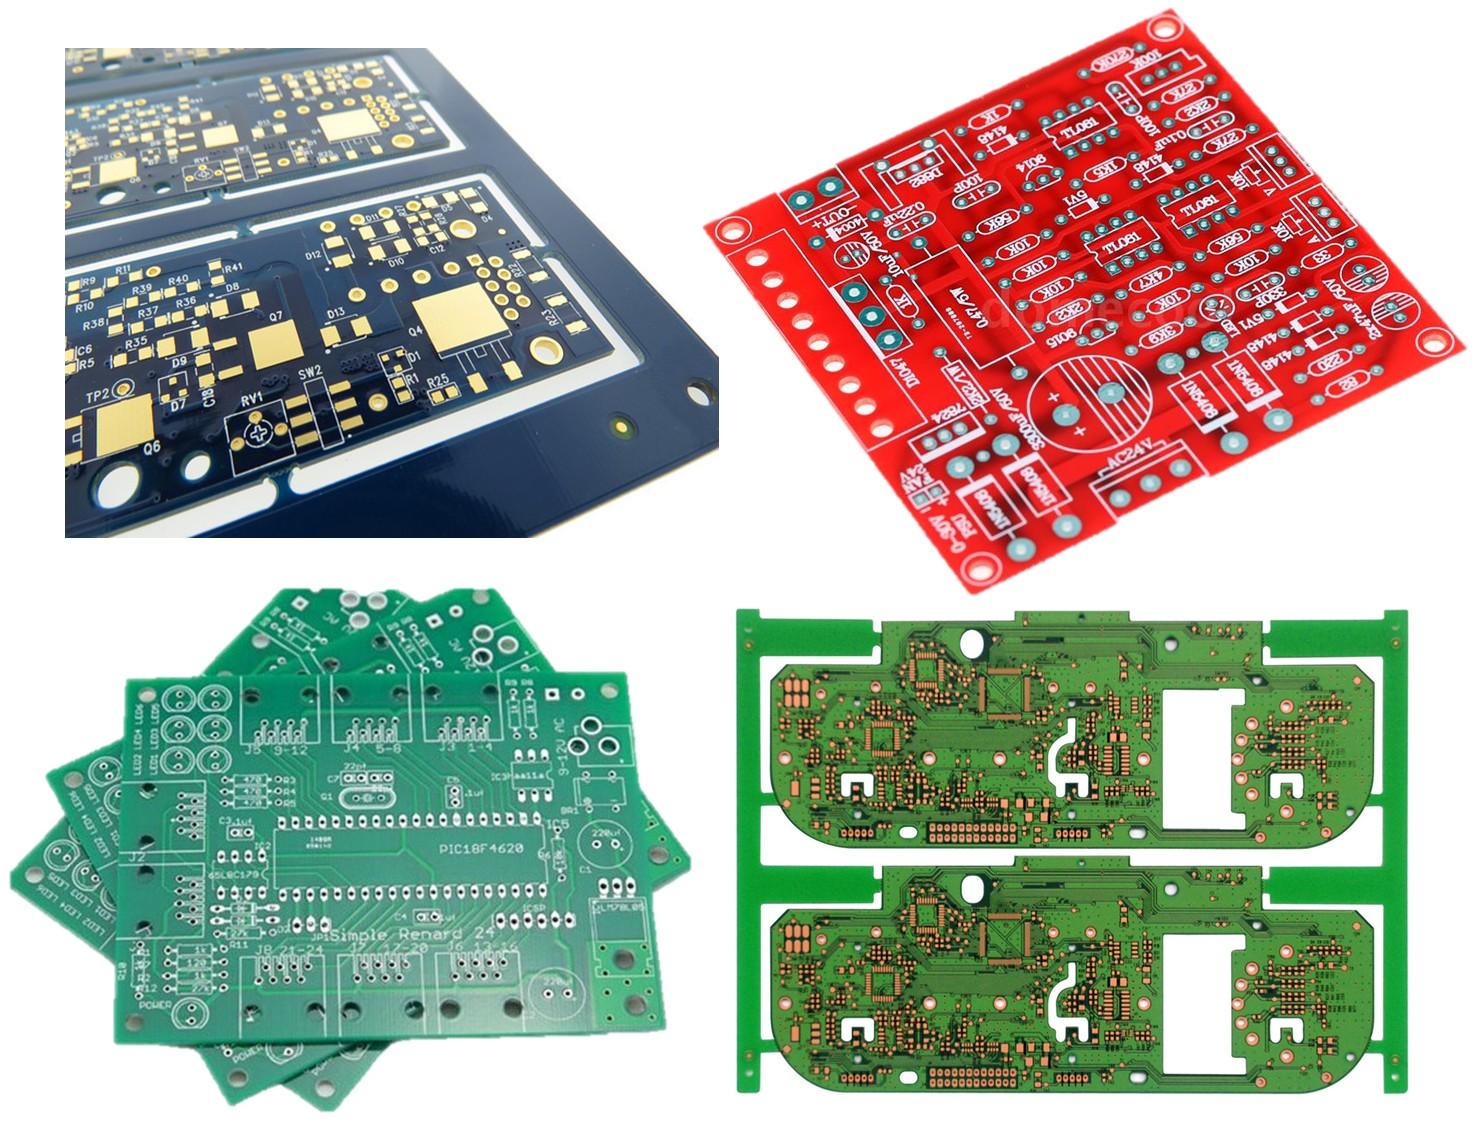 Circuito Impreso : Fabricación de tarjetas de circuito impreso pcb